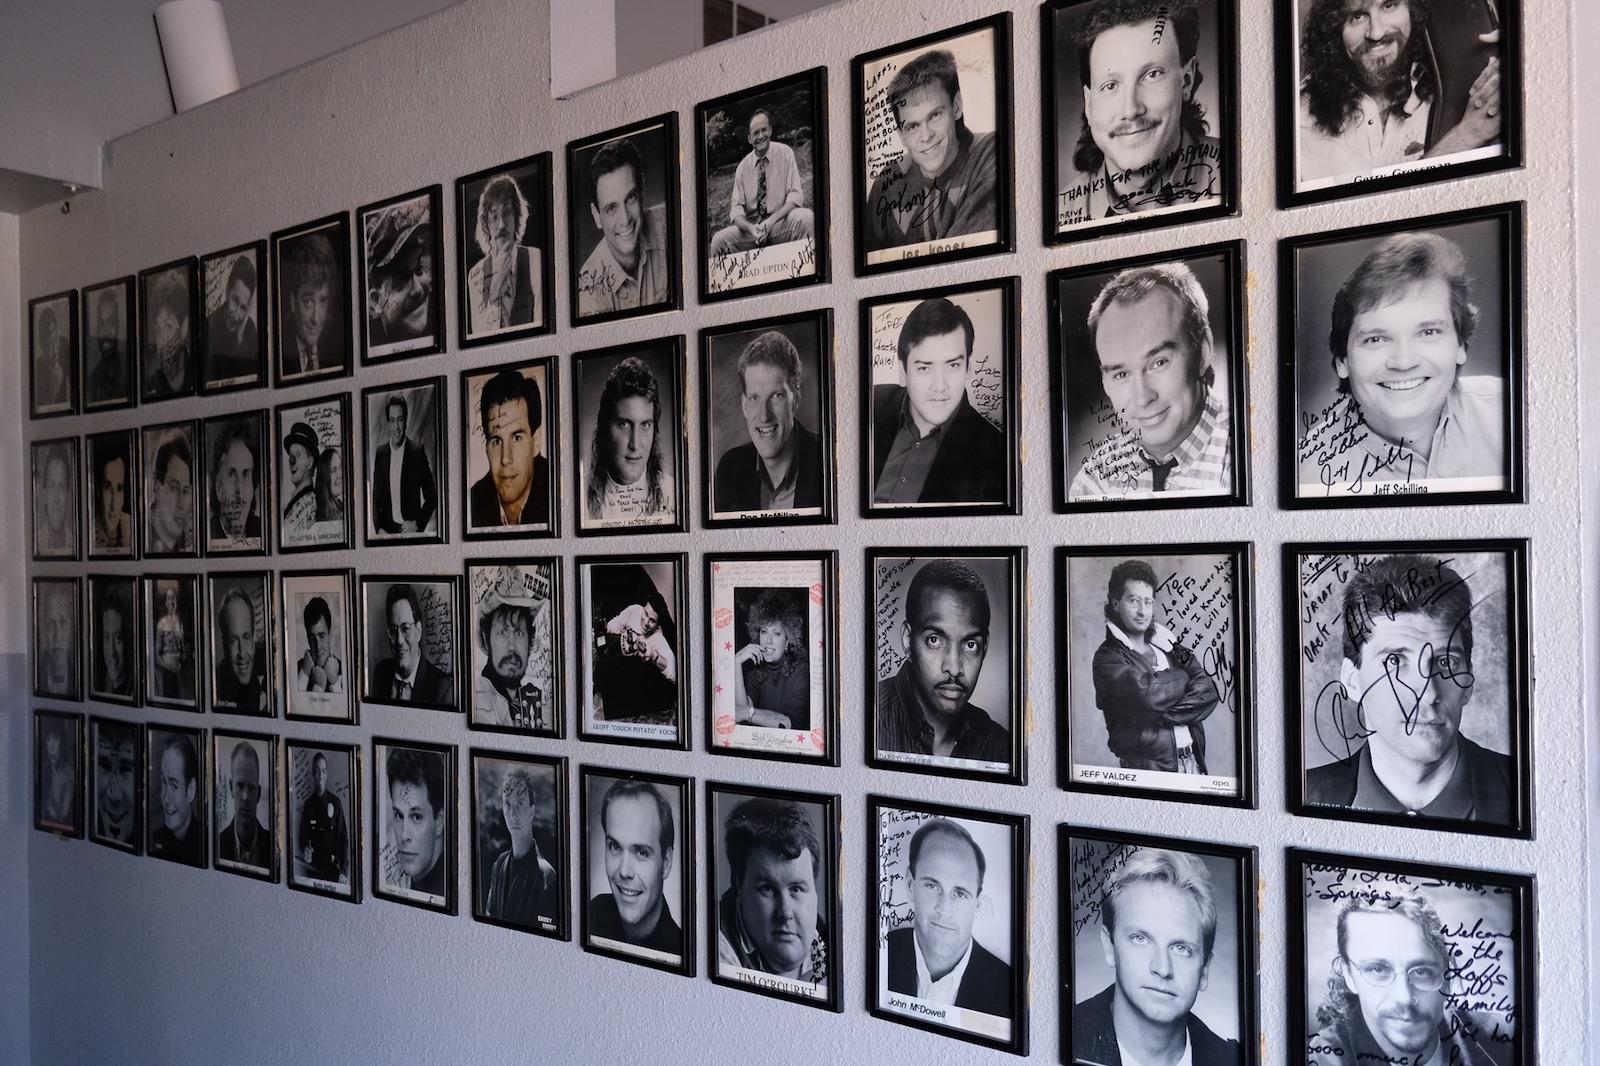 Image of autographed photos at Loonees Comedy Corner in Colorado Springs, Colorado